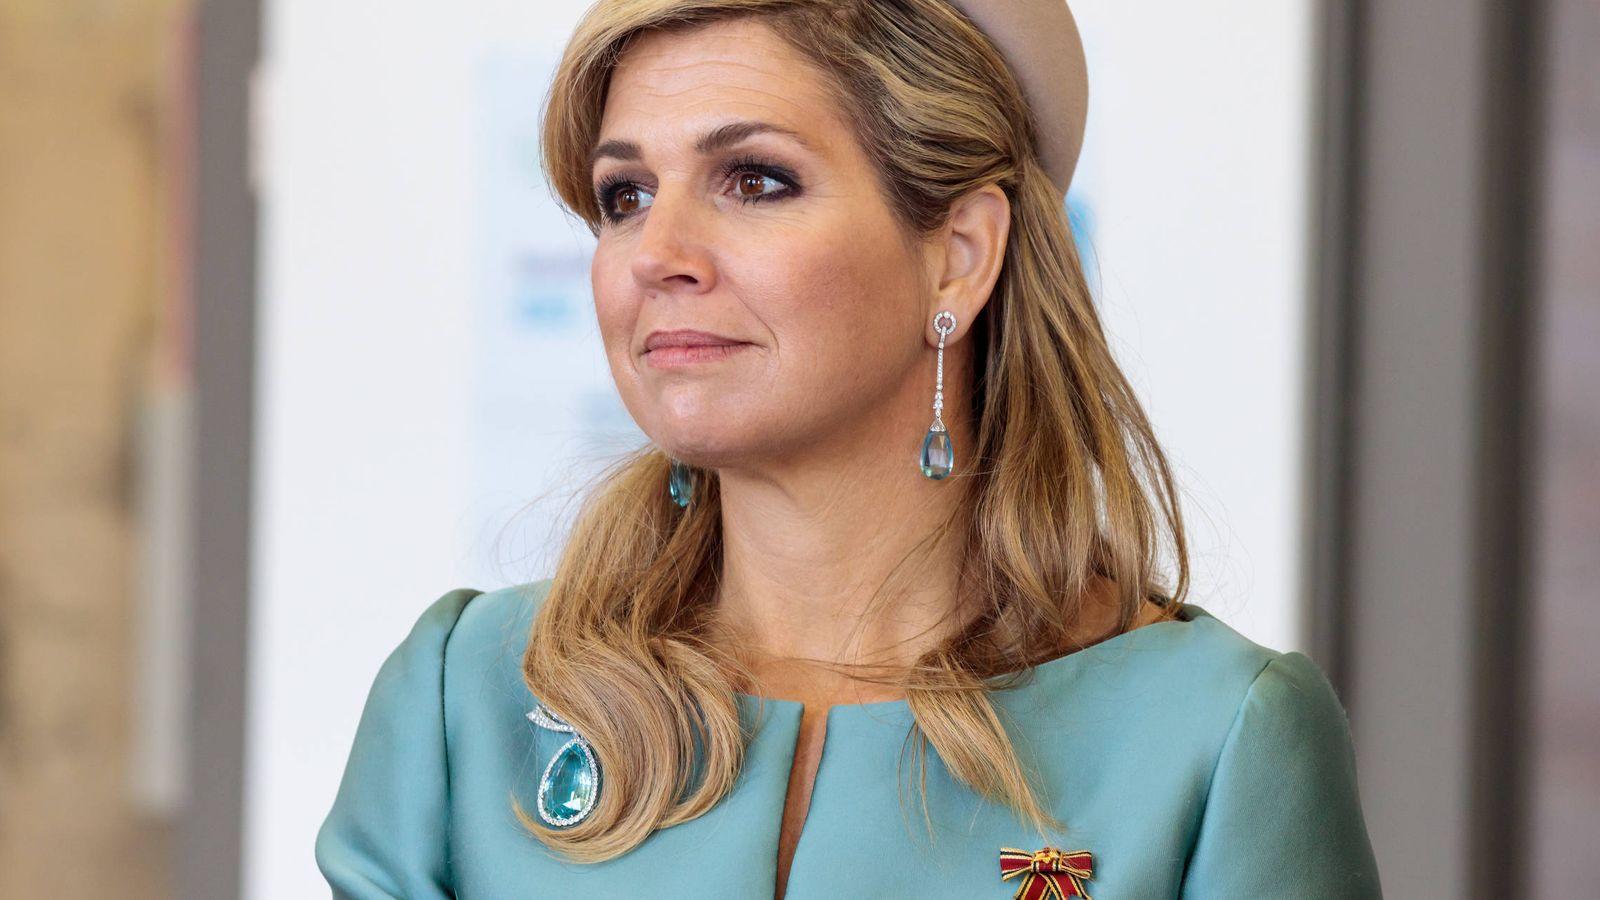 Foto: La reina Máxima en una imagen de archivo. (Getty)